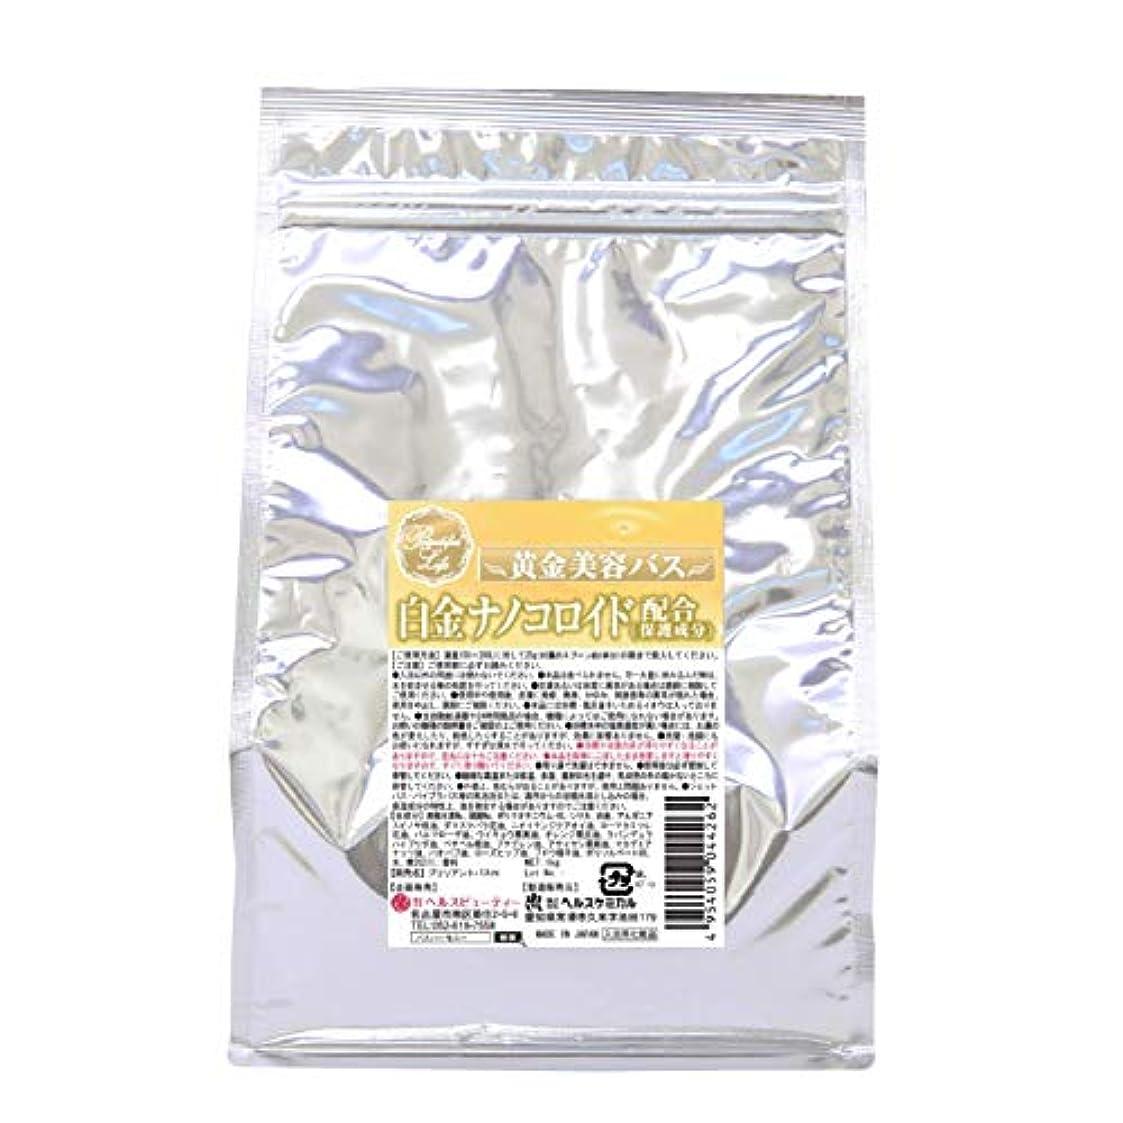 除去引退するアシスト入浴剤 湯匠仕込 白金ナノコロイド配合 1kg 50回分 お徳用